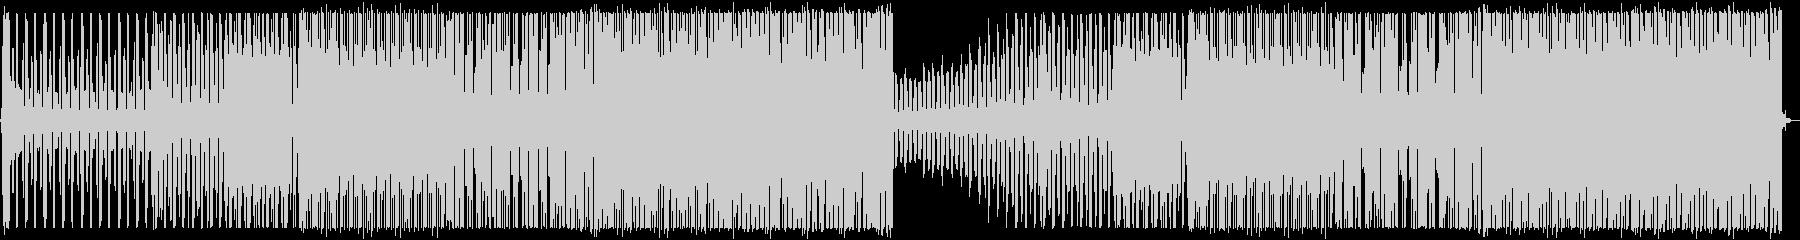 爽やかなトロピカルハウス_No586_1の未再生の波形